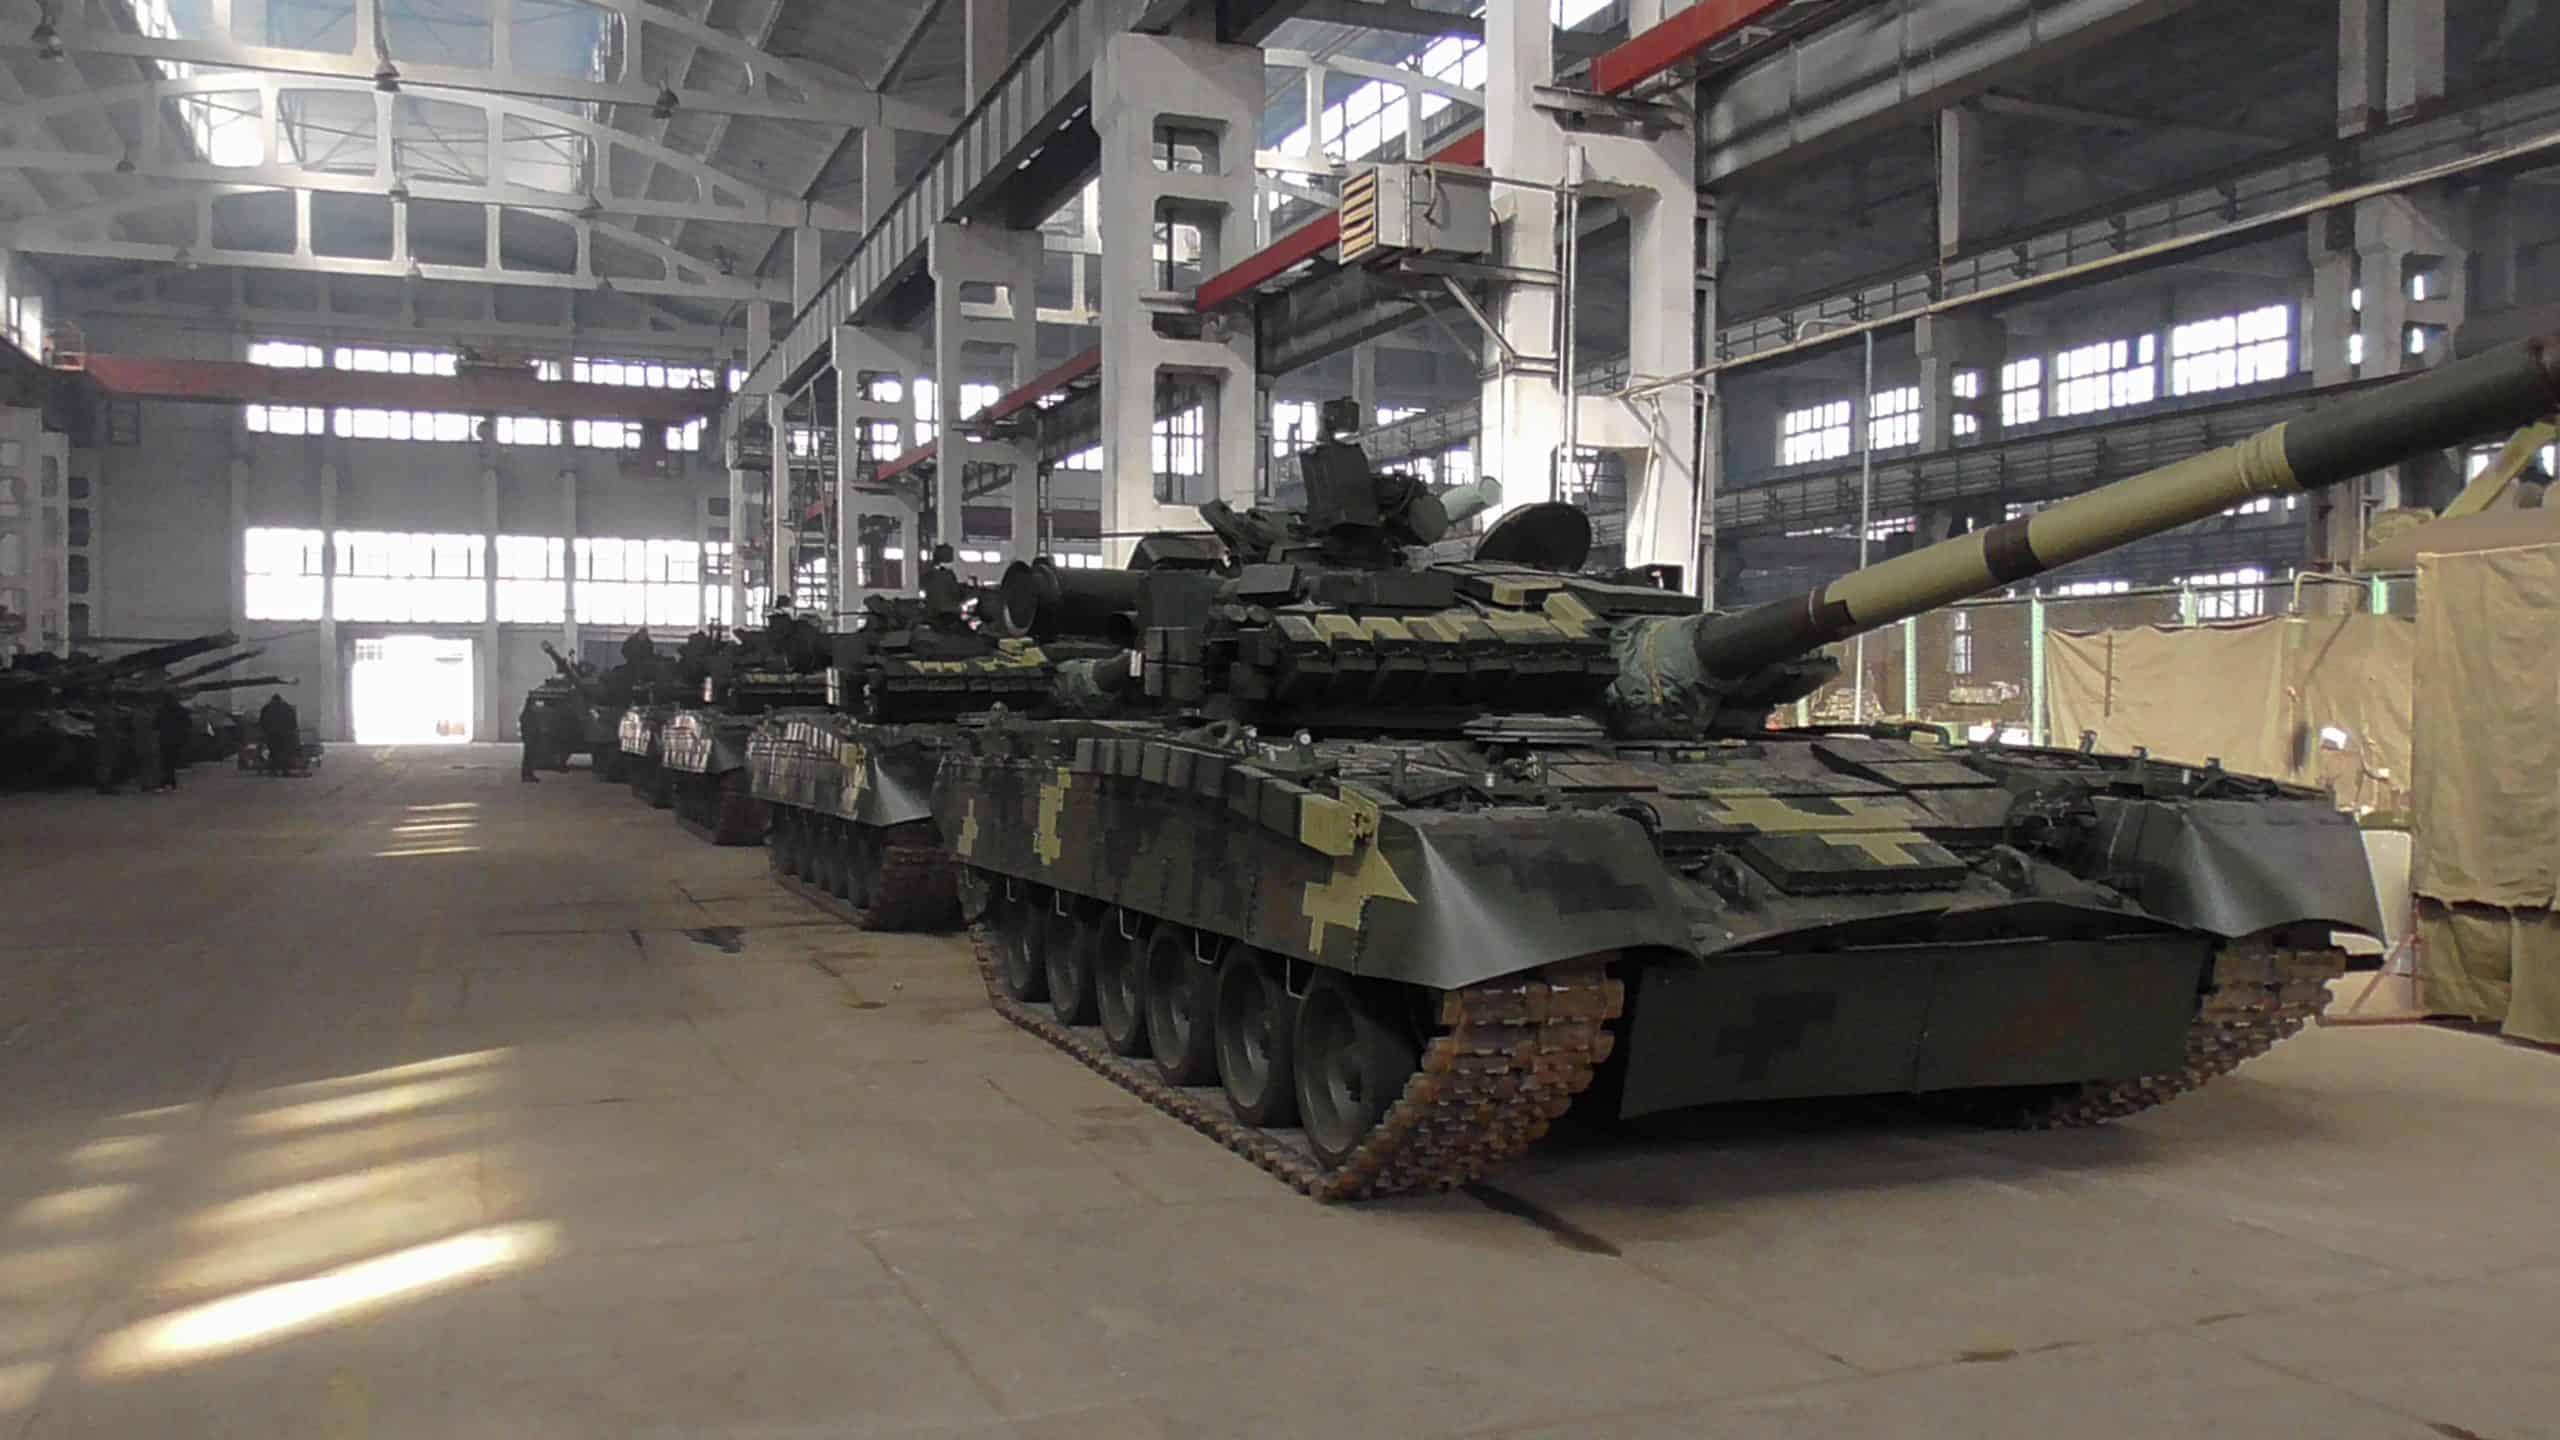 Відремонтовані та модернізовані танки Т-64БВ та Т-80БВ